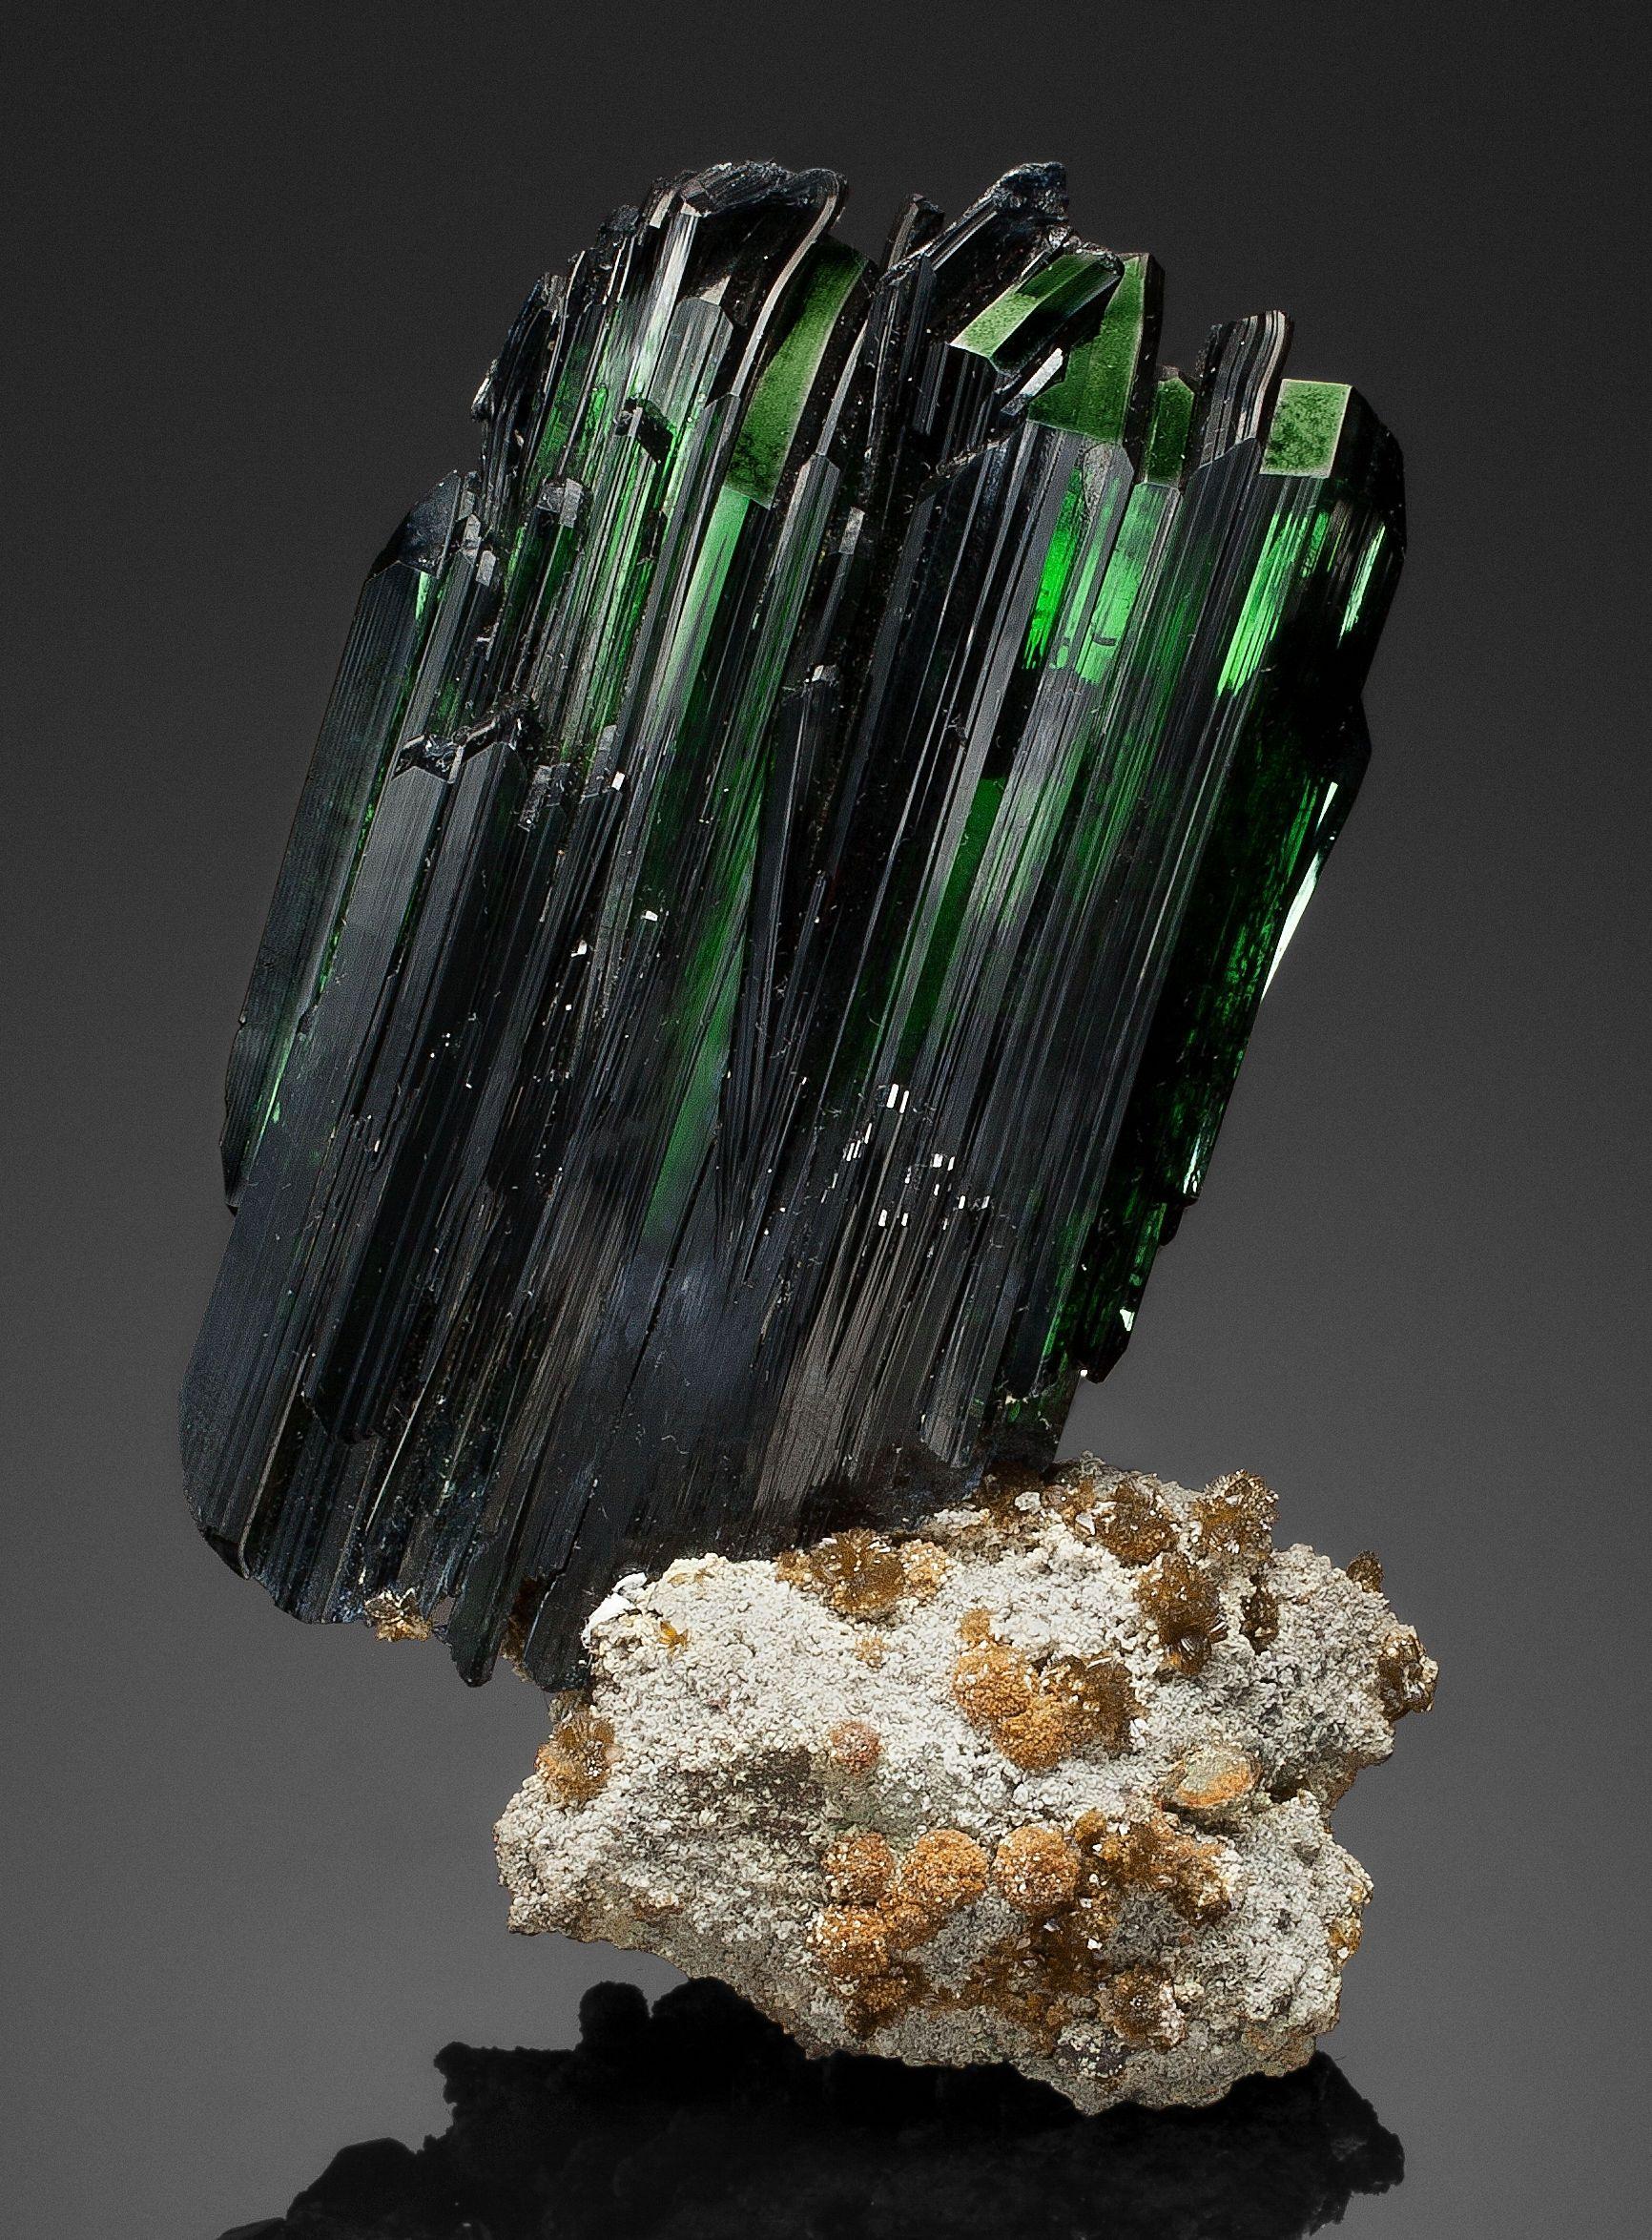 ашлямфу фото кристалла вивианит профессиональных